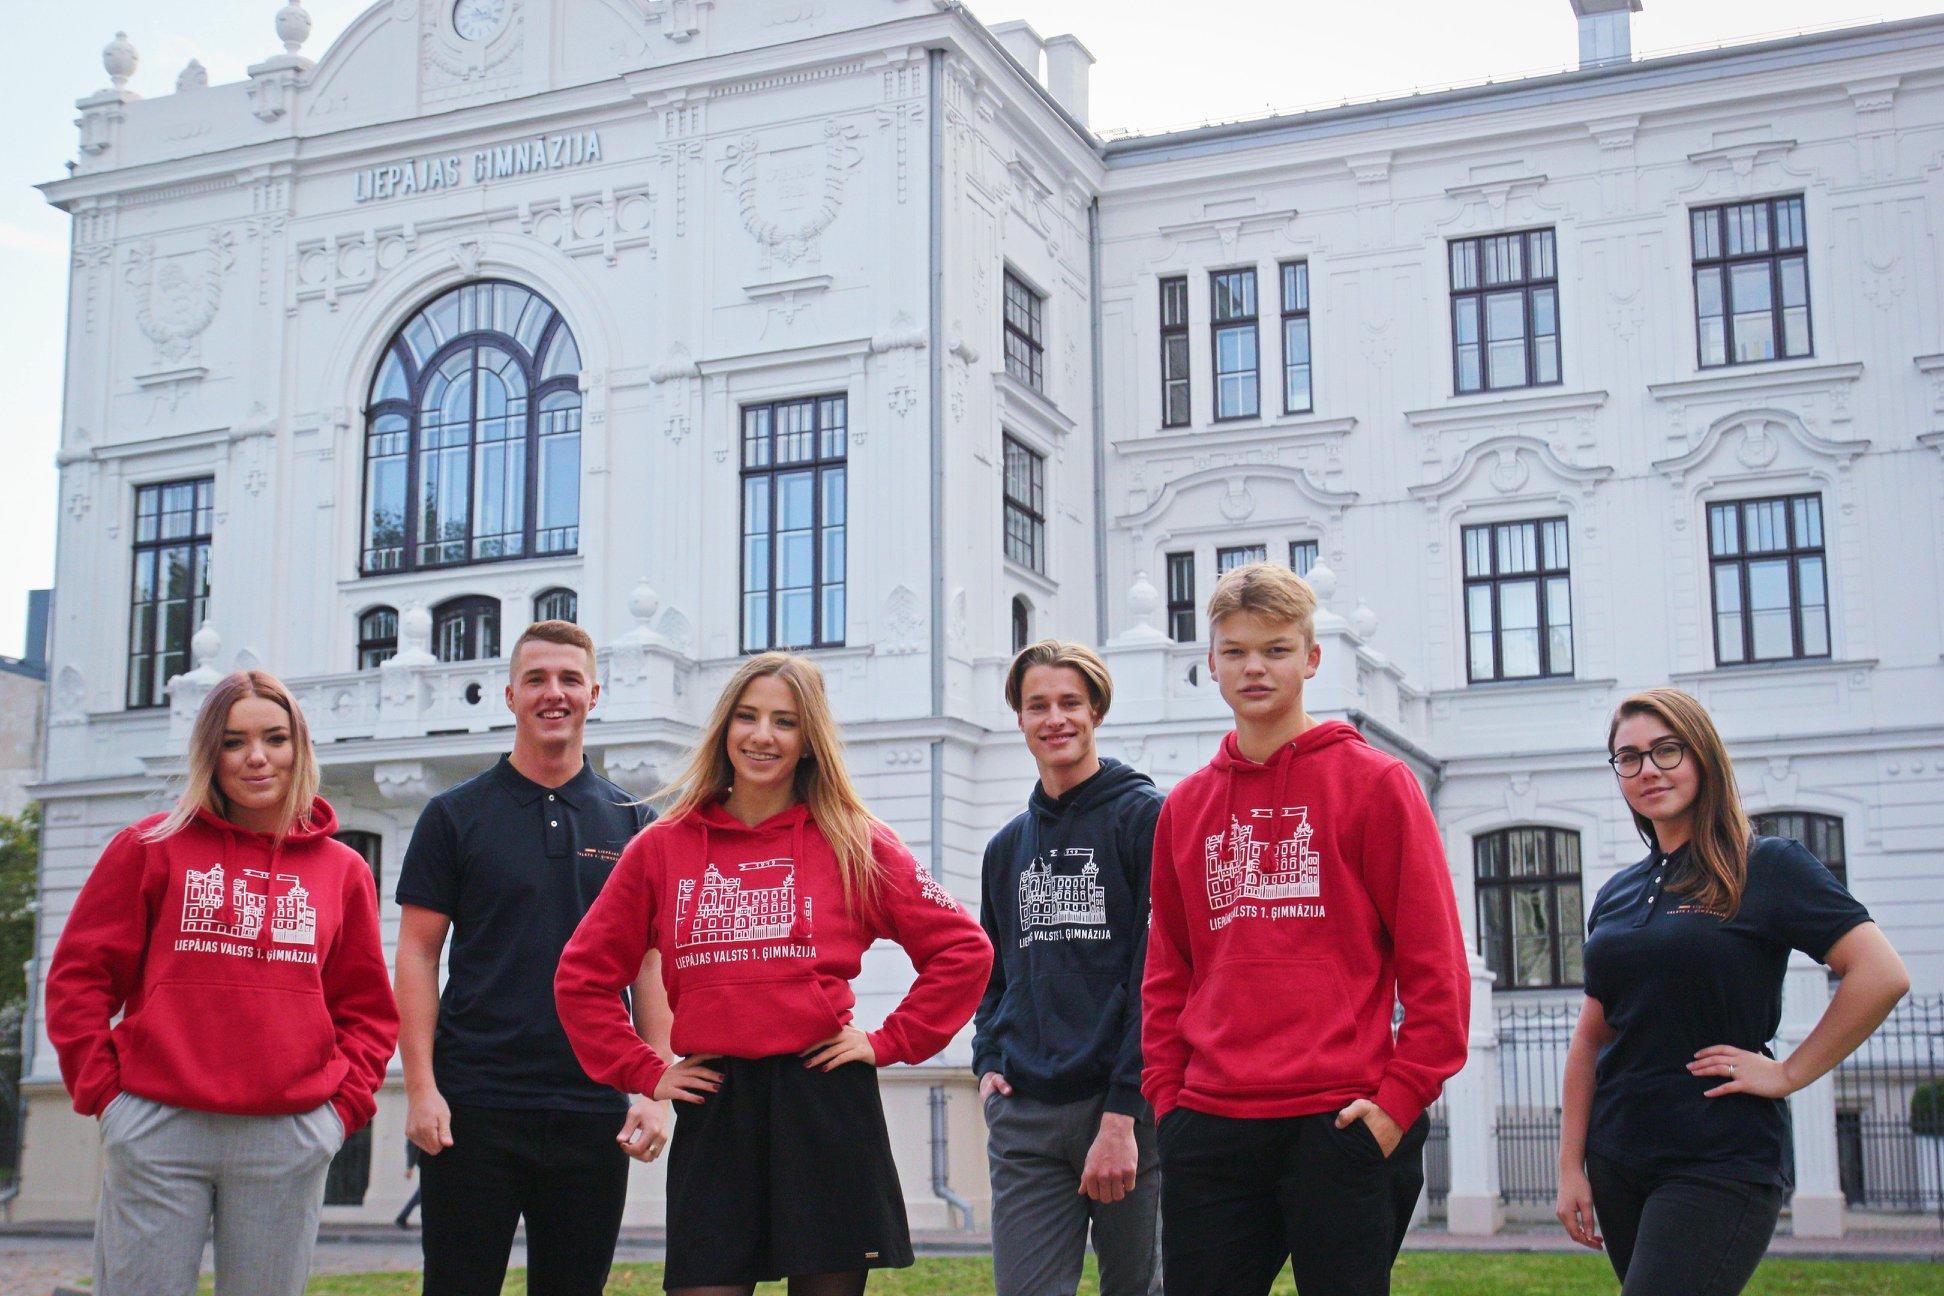 Skola var būt kas daudz vairāk kā ēka, kurā saņemt diplomu par iegūto izglītību